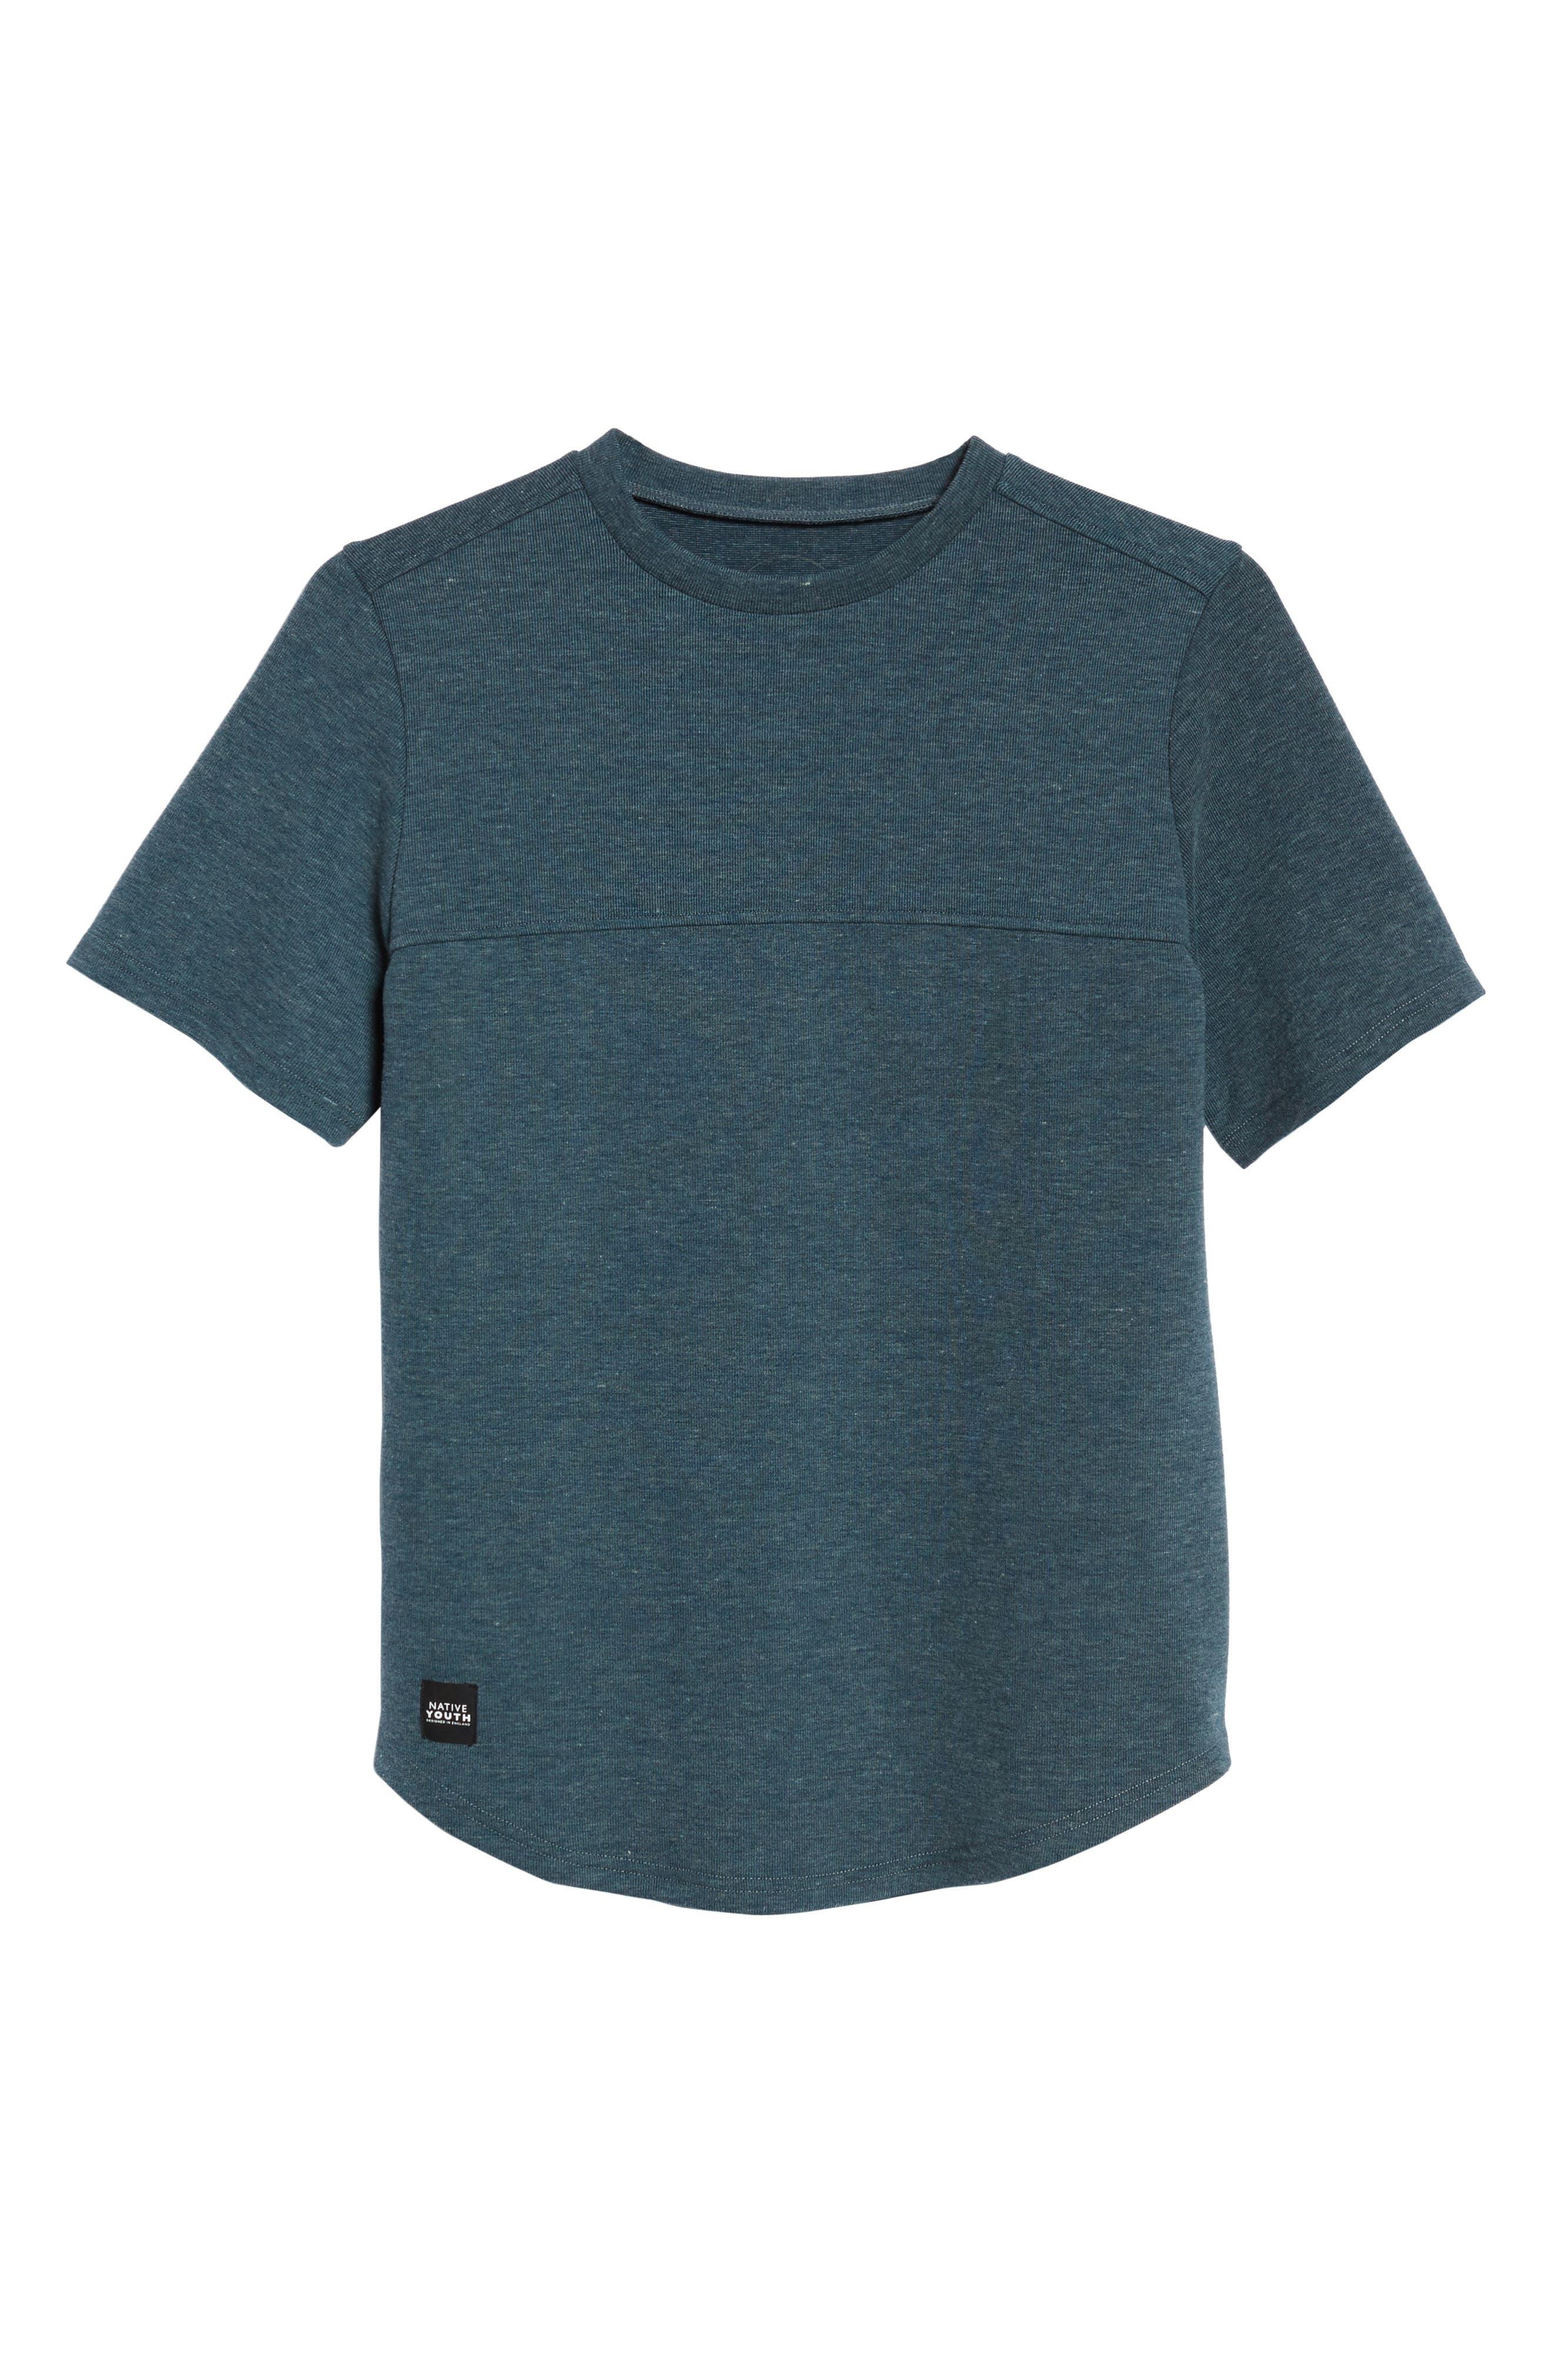 Onyx T-Shirt,                             Alternate thumbnail 6, color,                             440